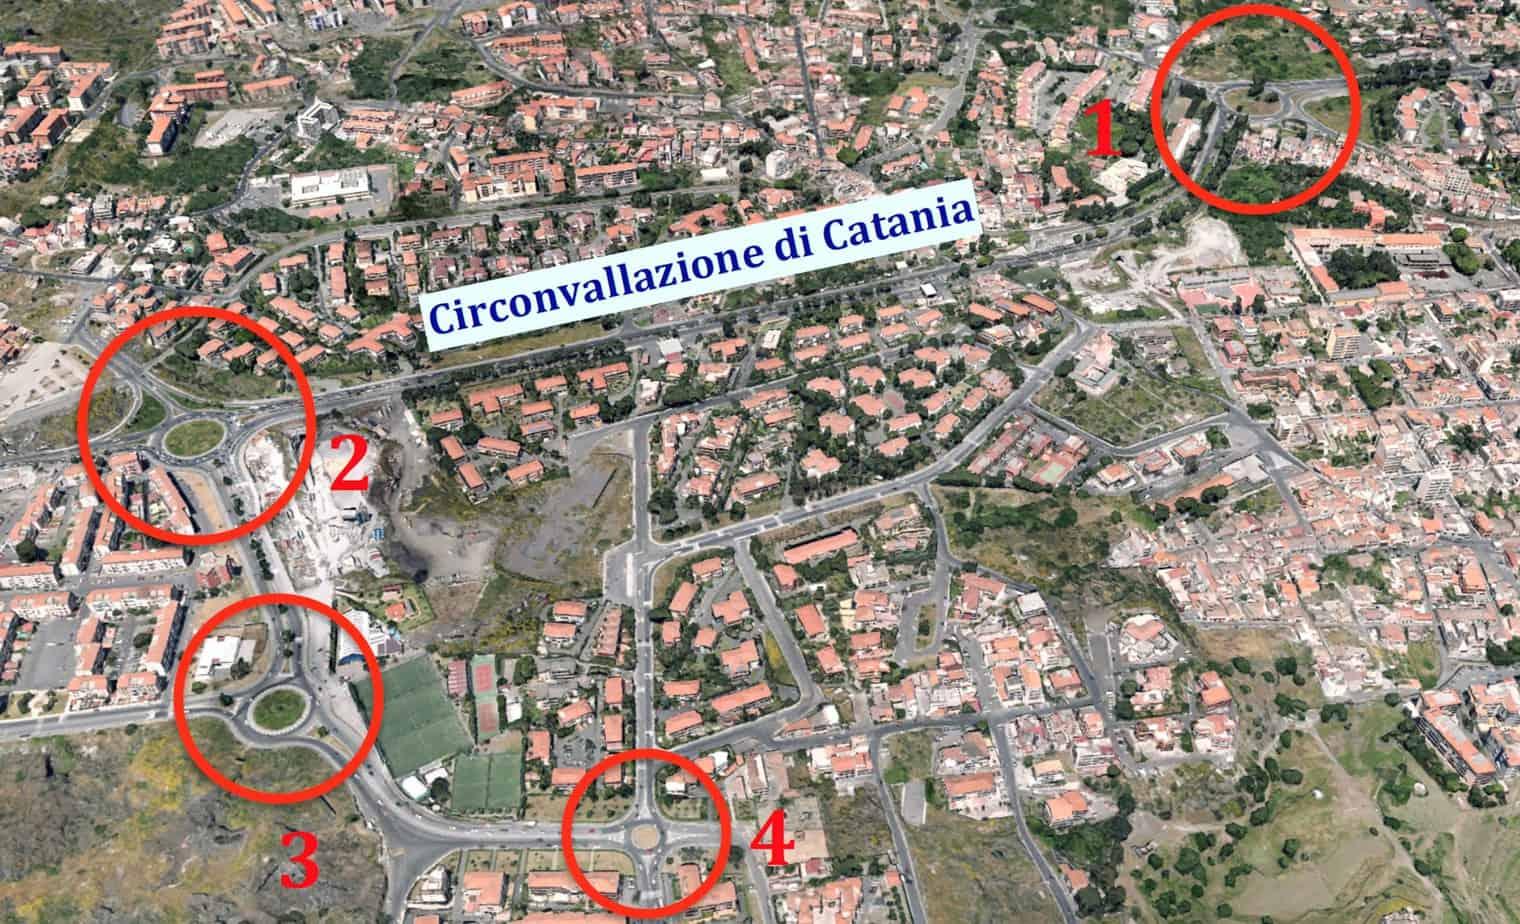 L'ubicazione delle rotatorie oggetto di indagine (comune di Catania)